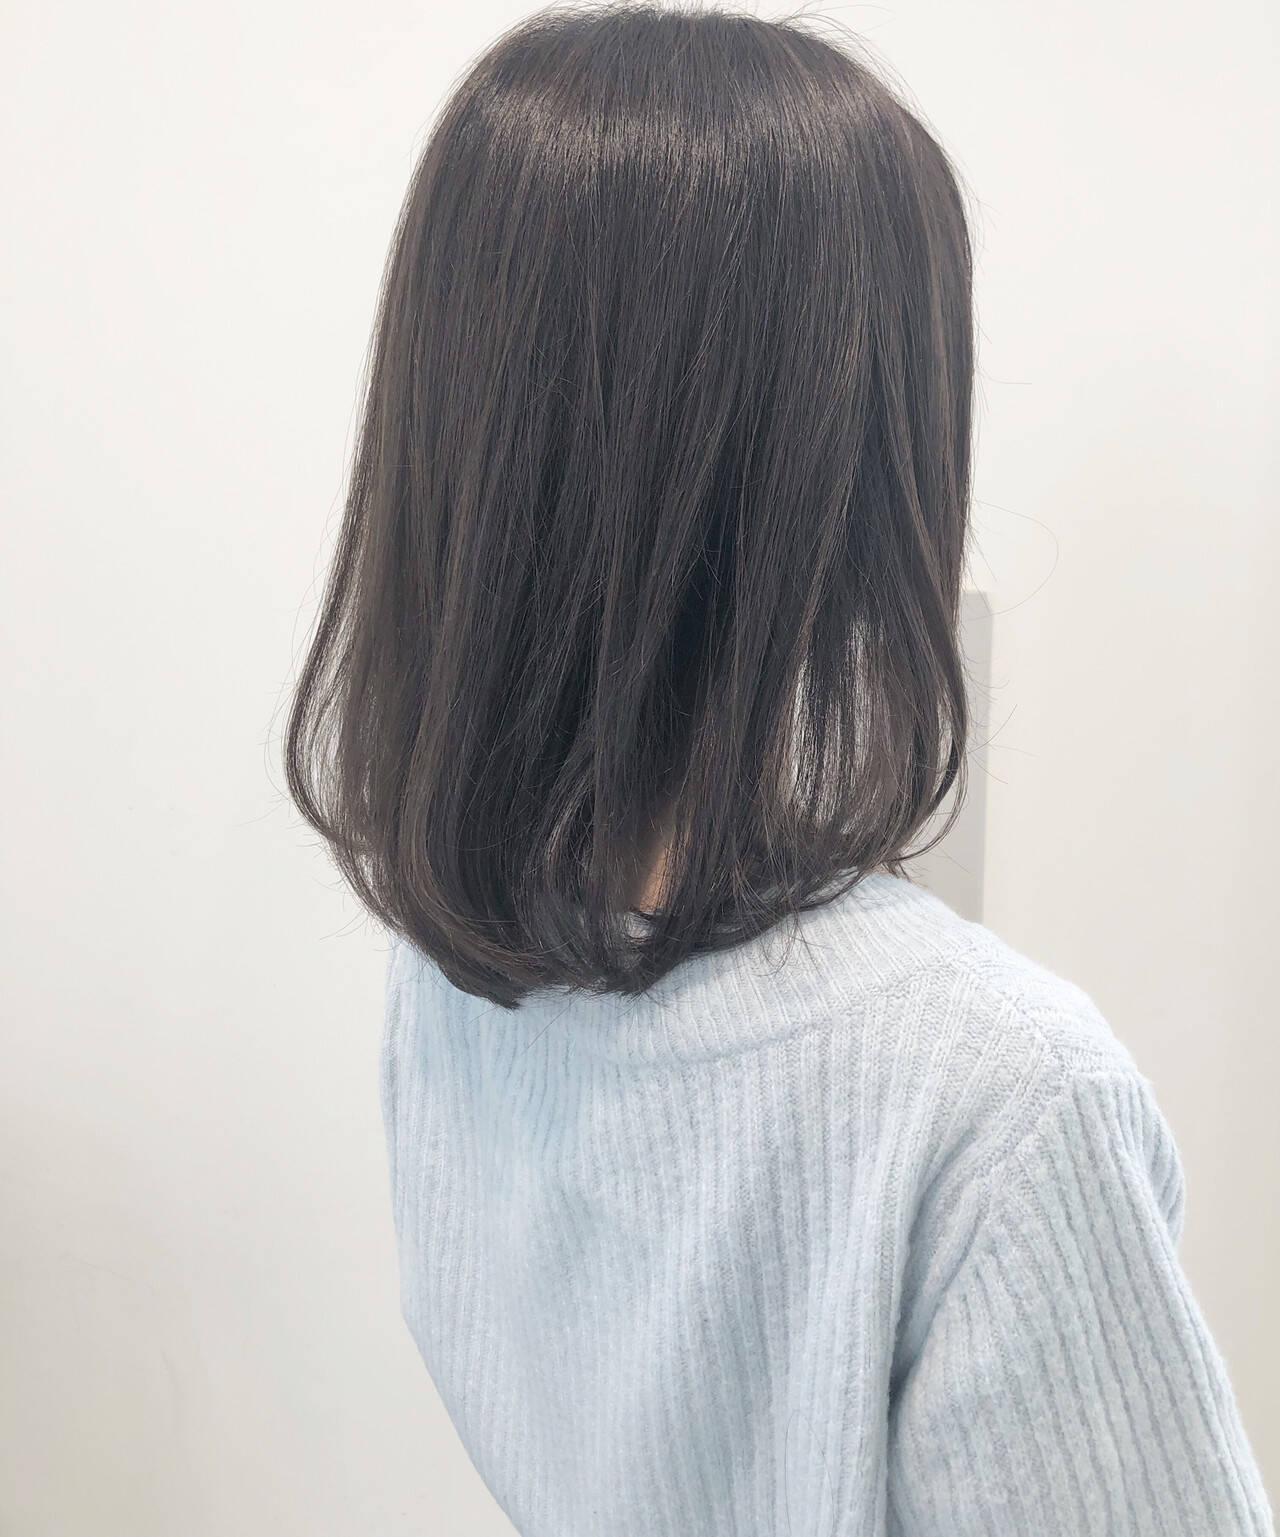 ヘアセット 大人ハイライト フェミニン ミルクティーグレージュヘアスタイルや髪型の写真・画像